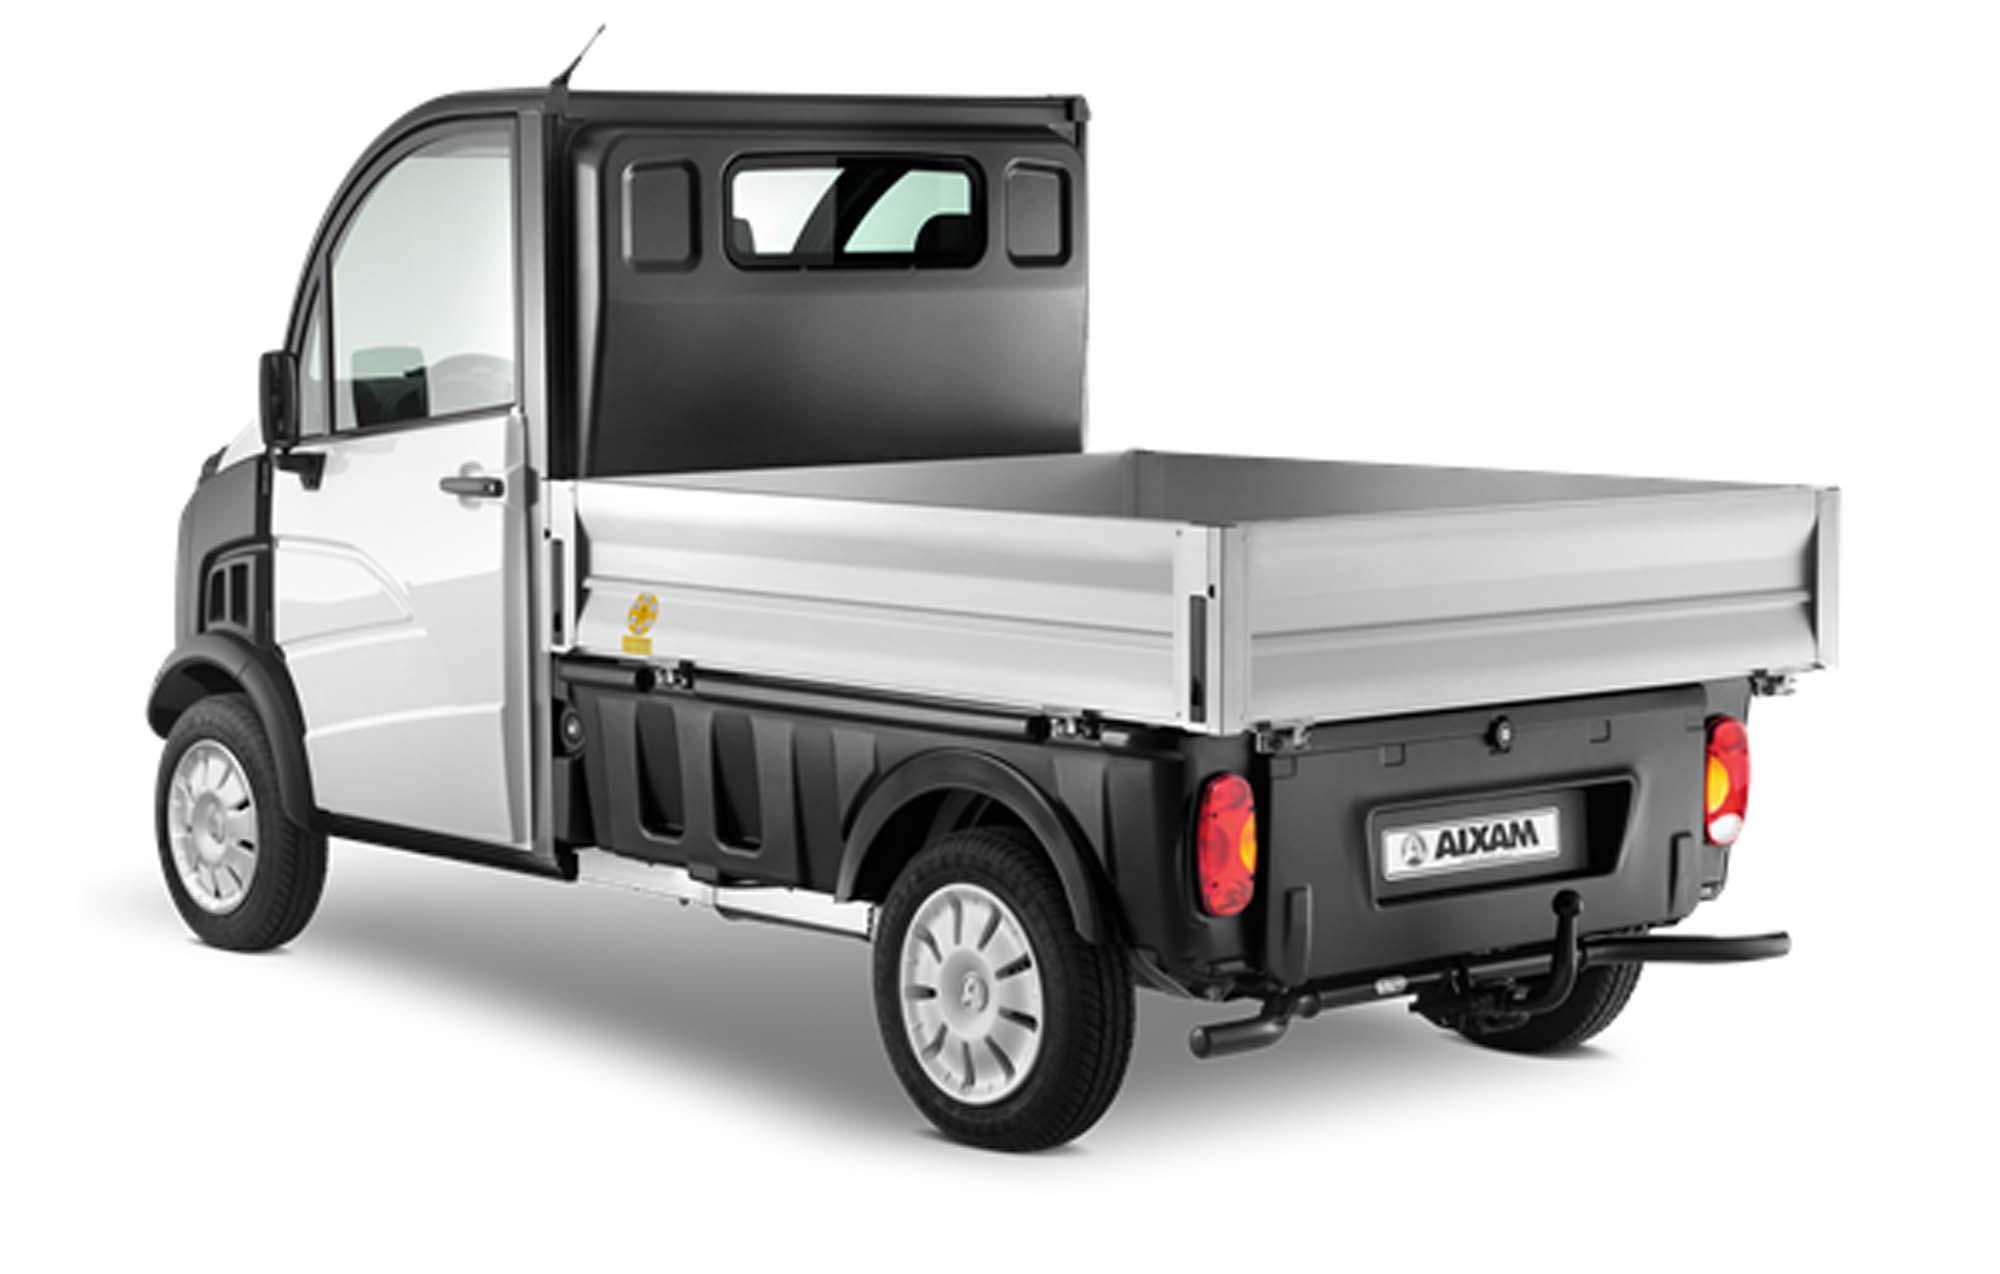 aixam d truck 400 pritsche bilder und technische daten. Black Bedroom Furniture Sets. Home Design Ideas